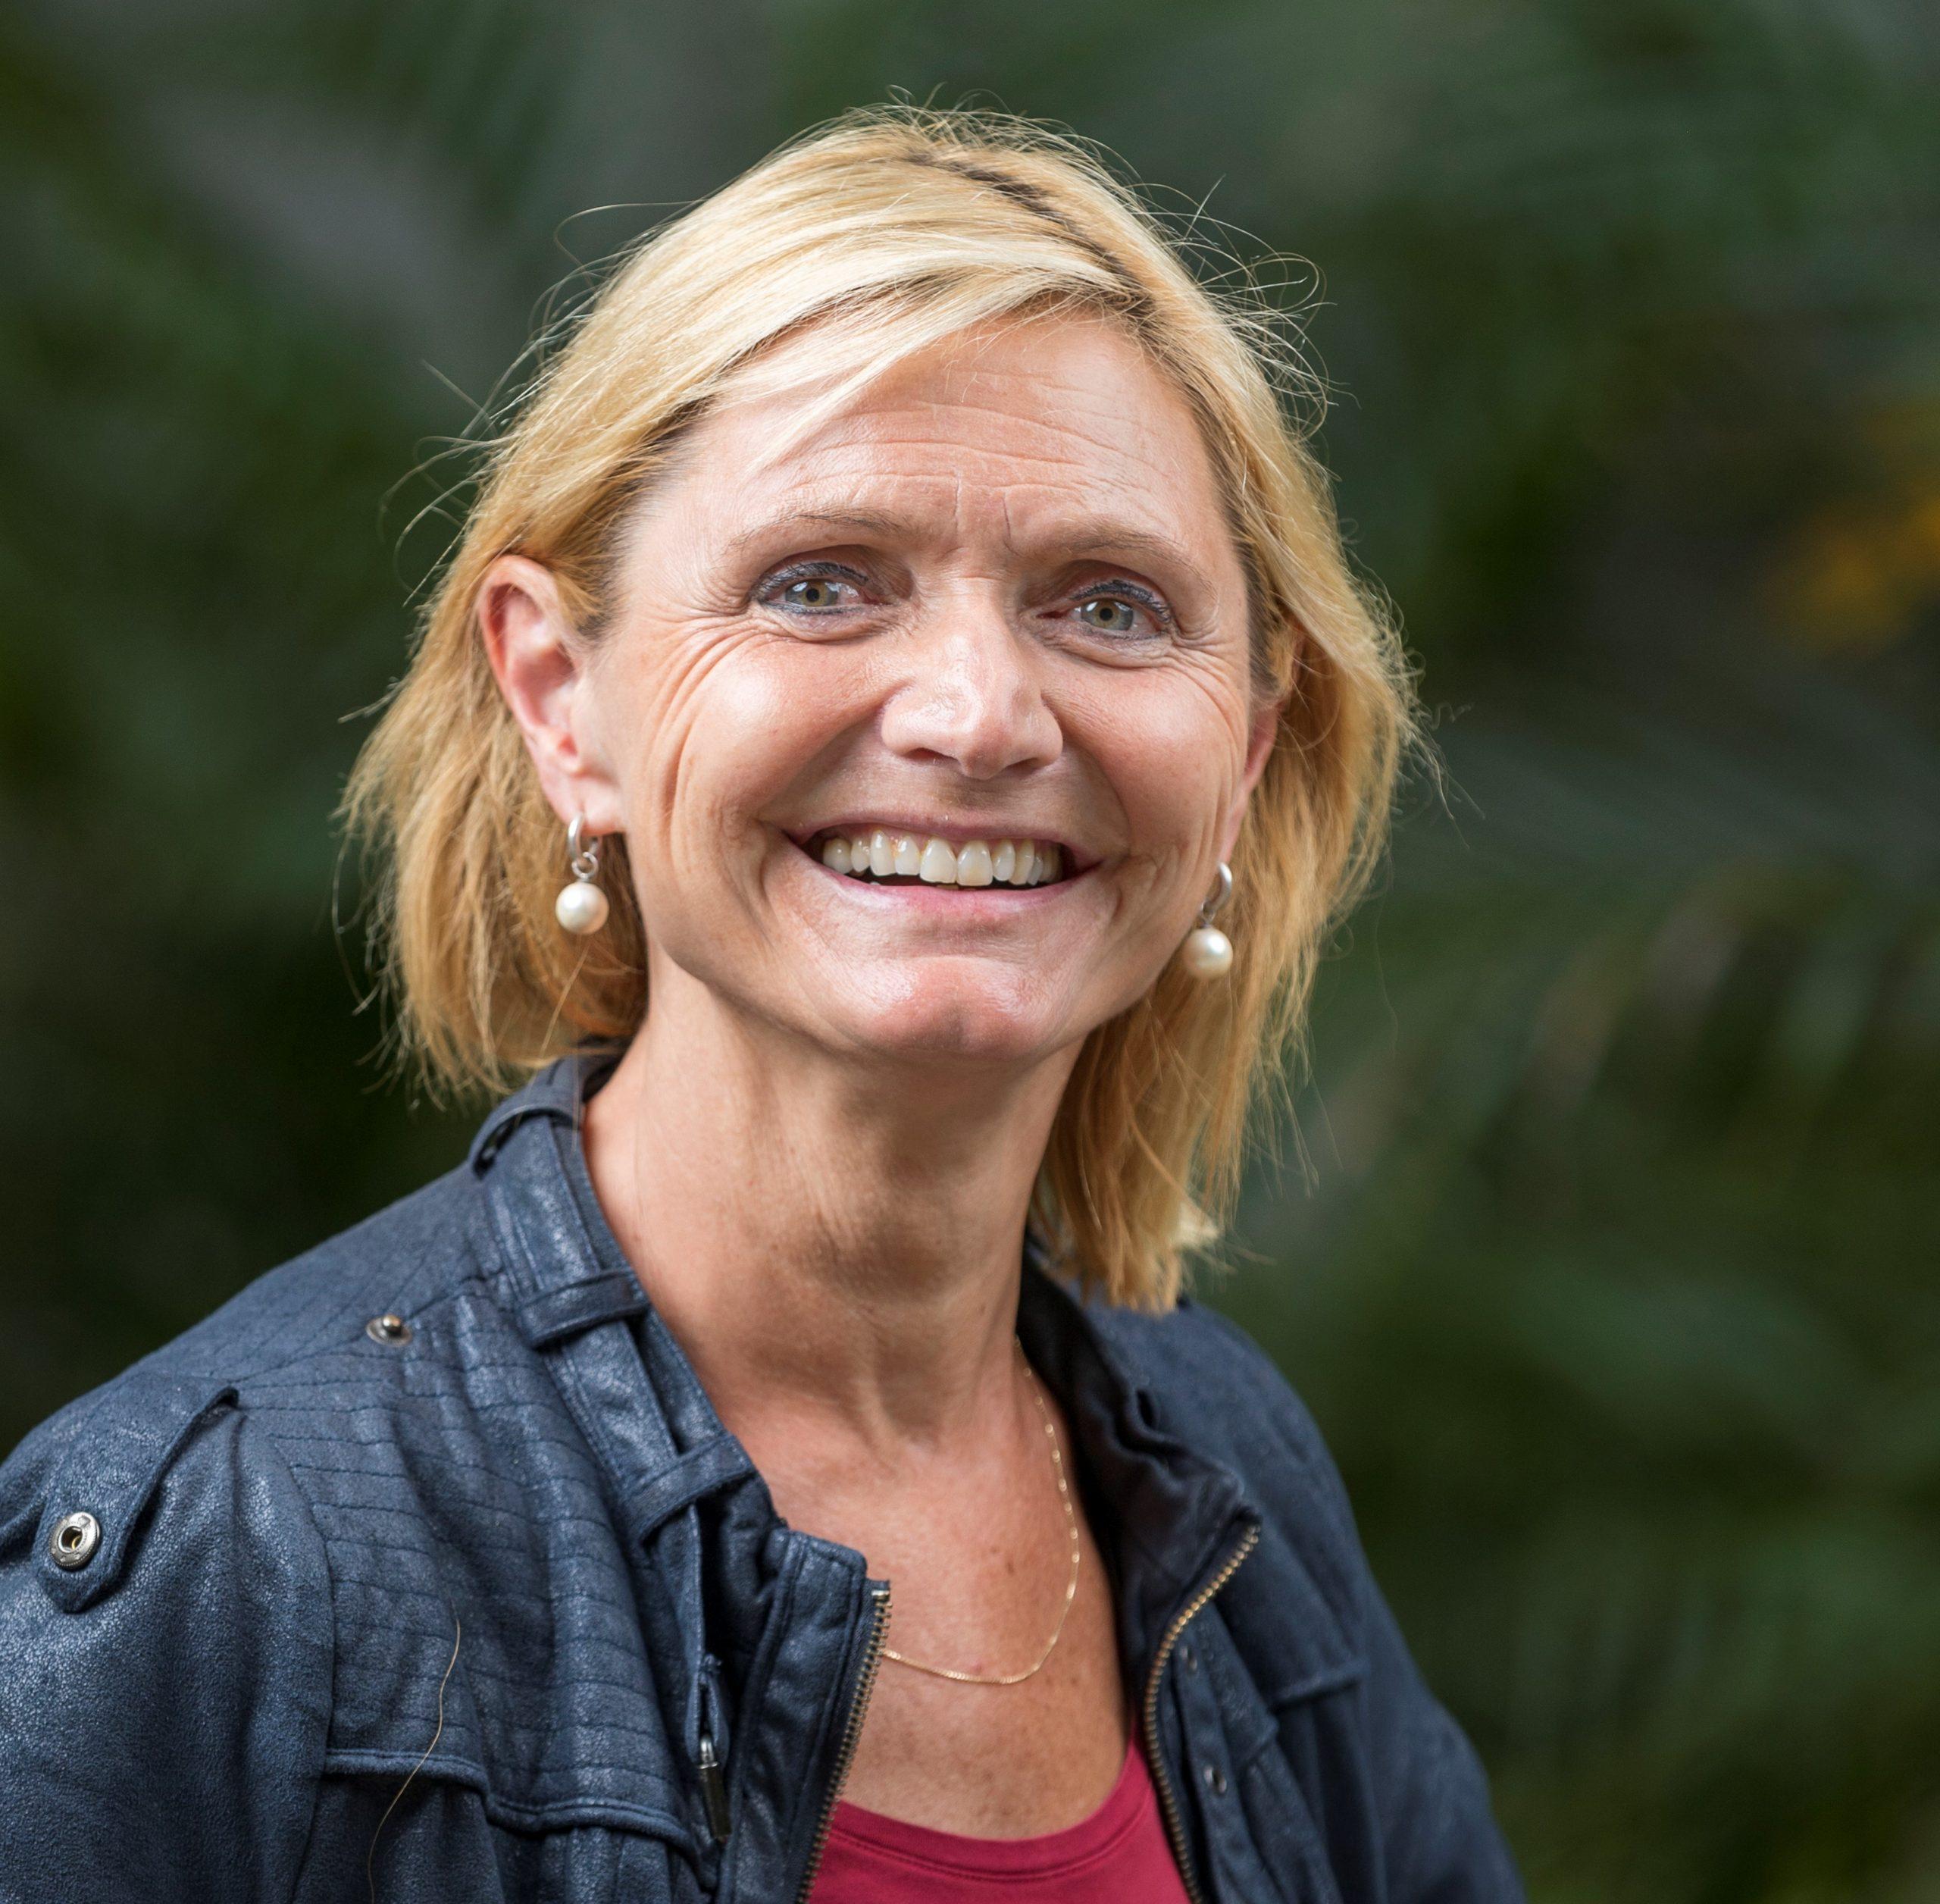 Annemieke Trella